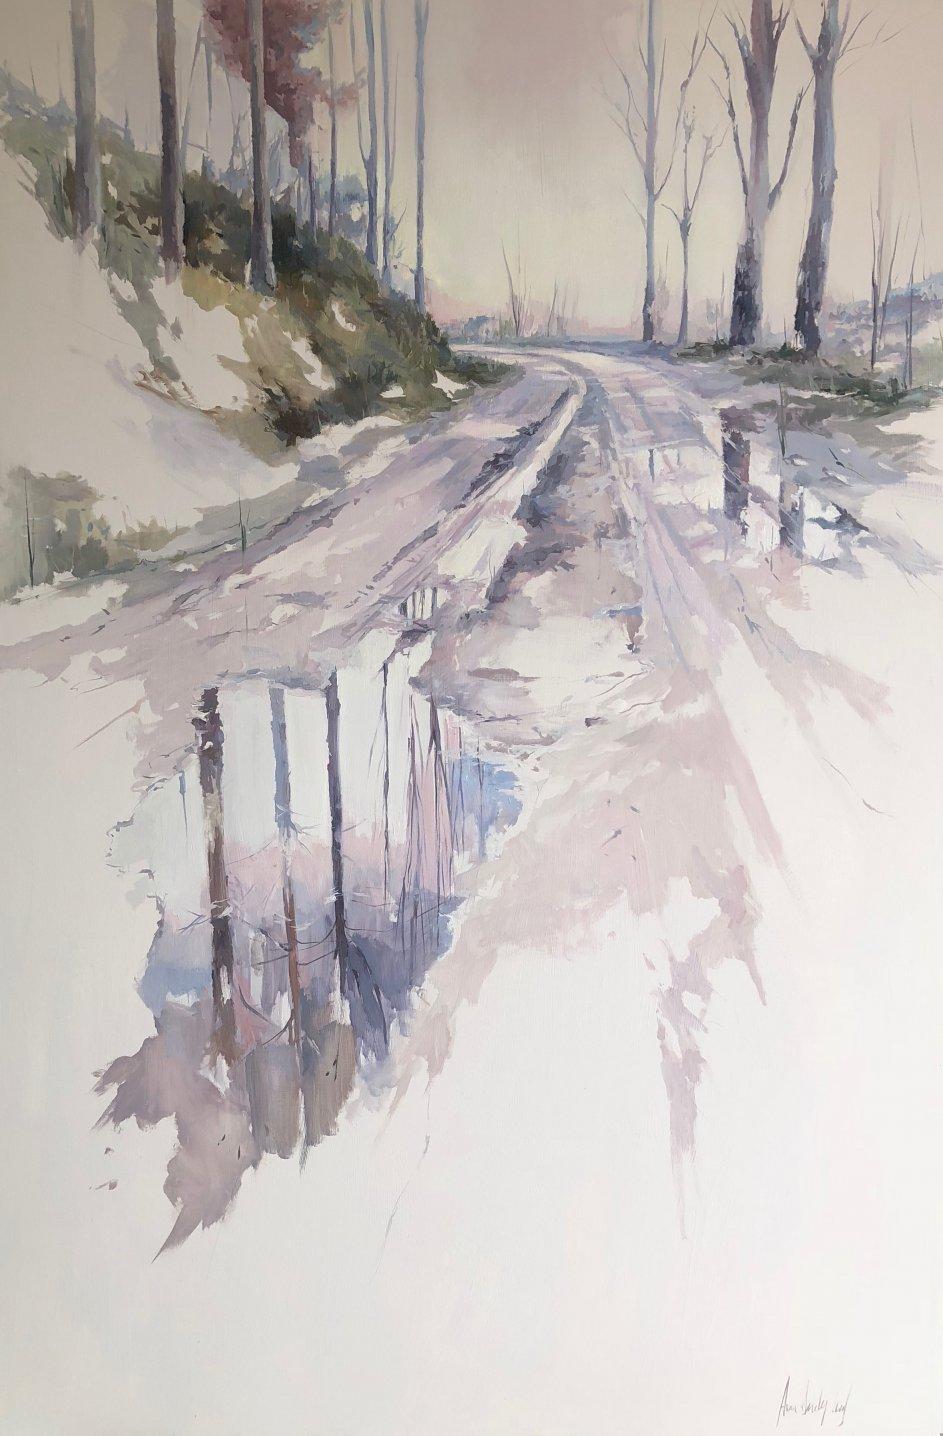 camino lluvioso (2019) - Ana Sánchez Lucas